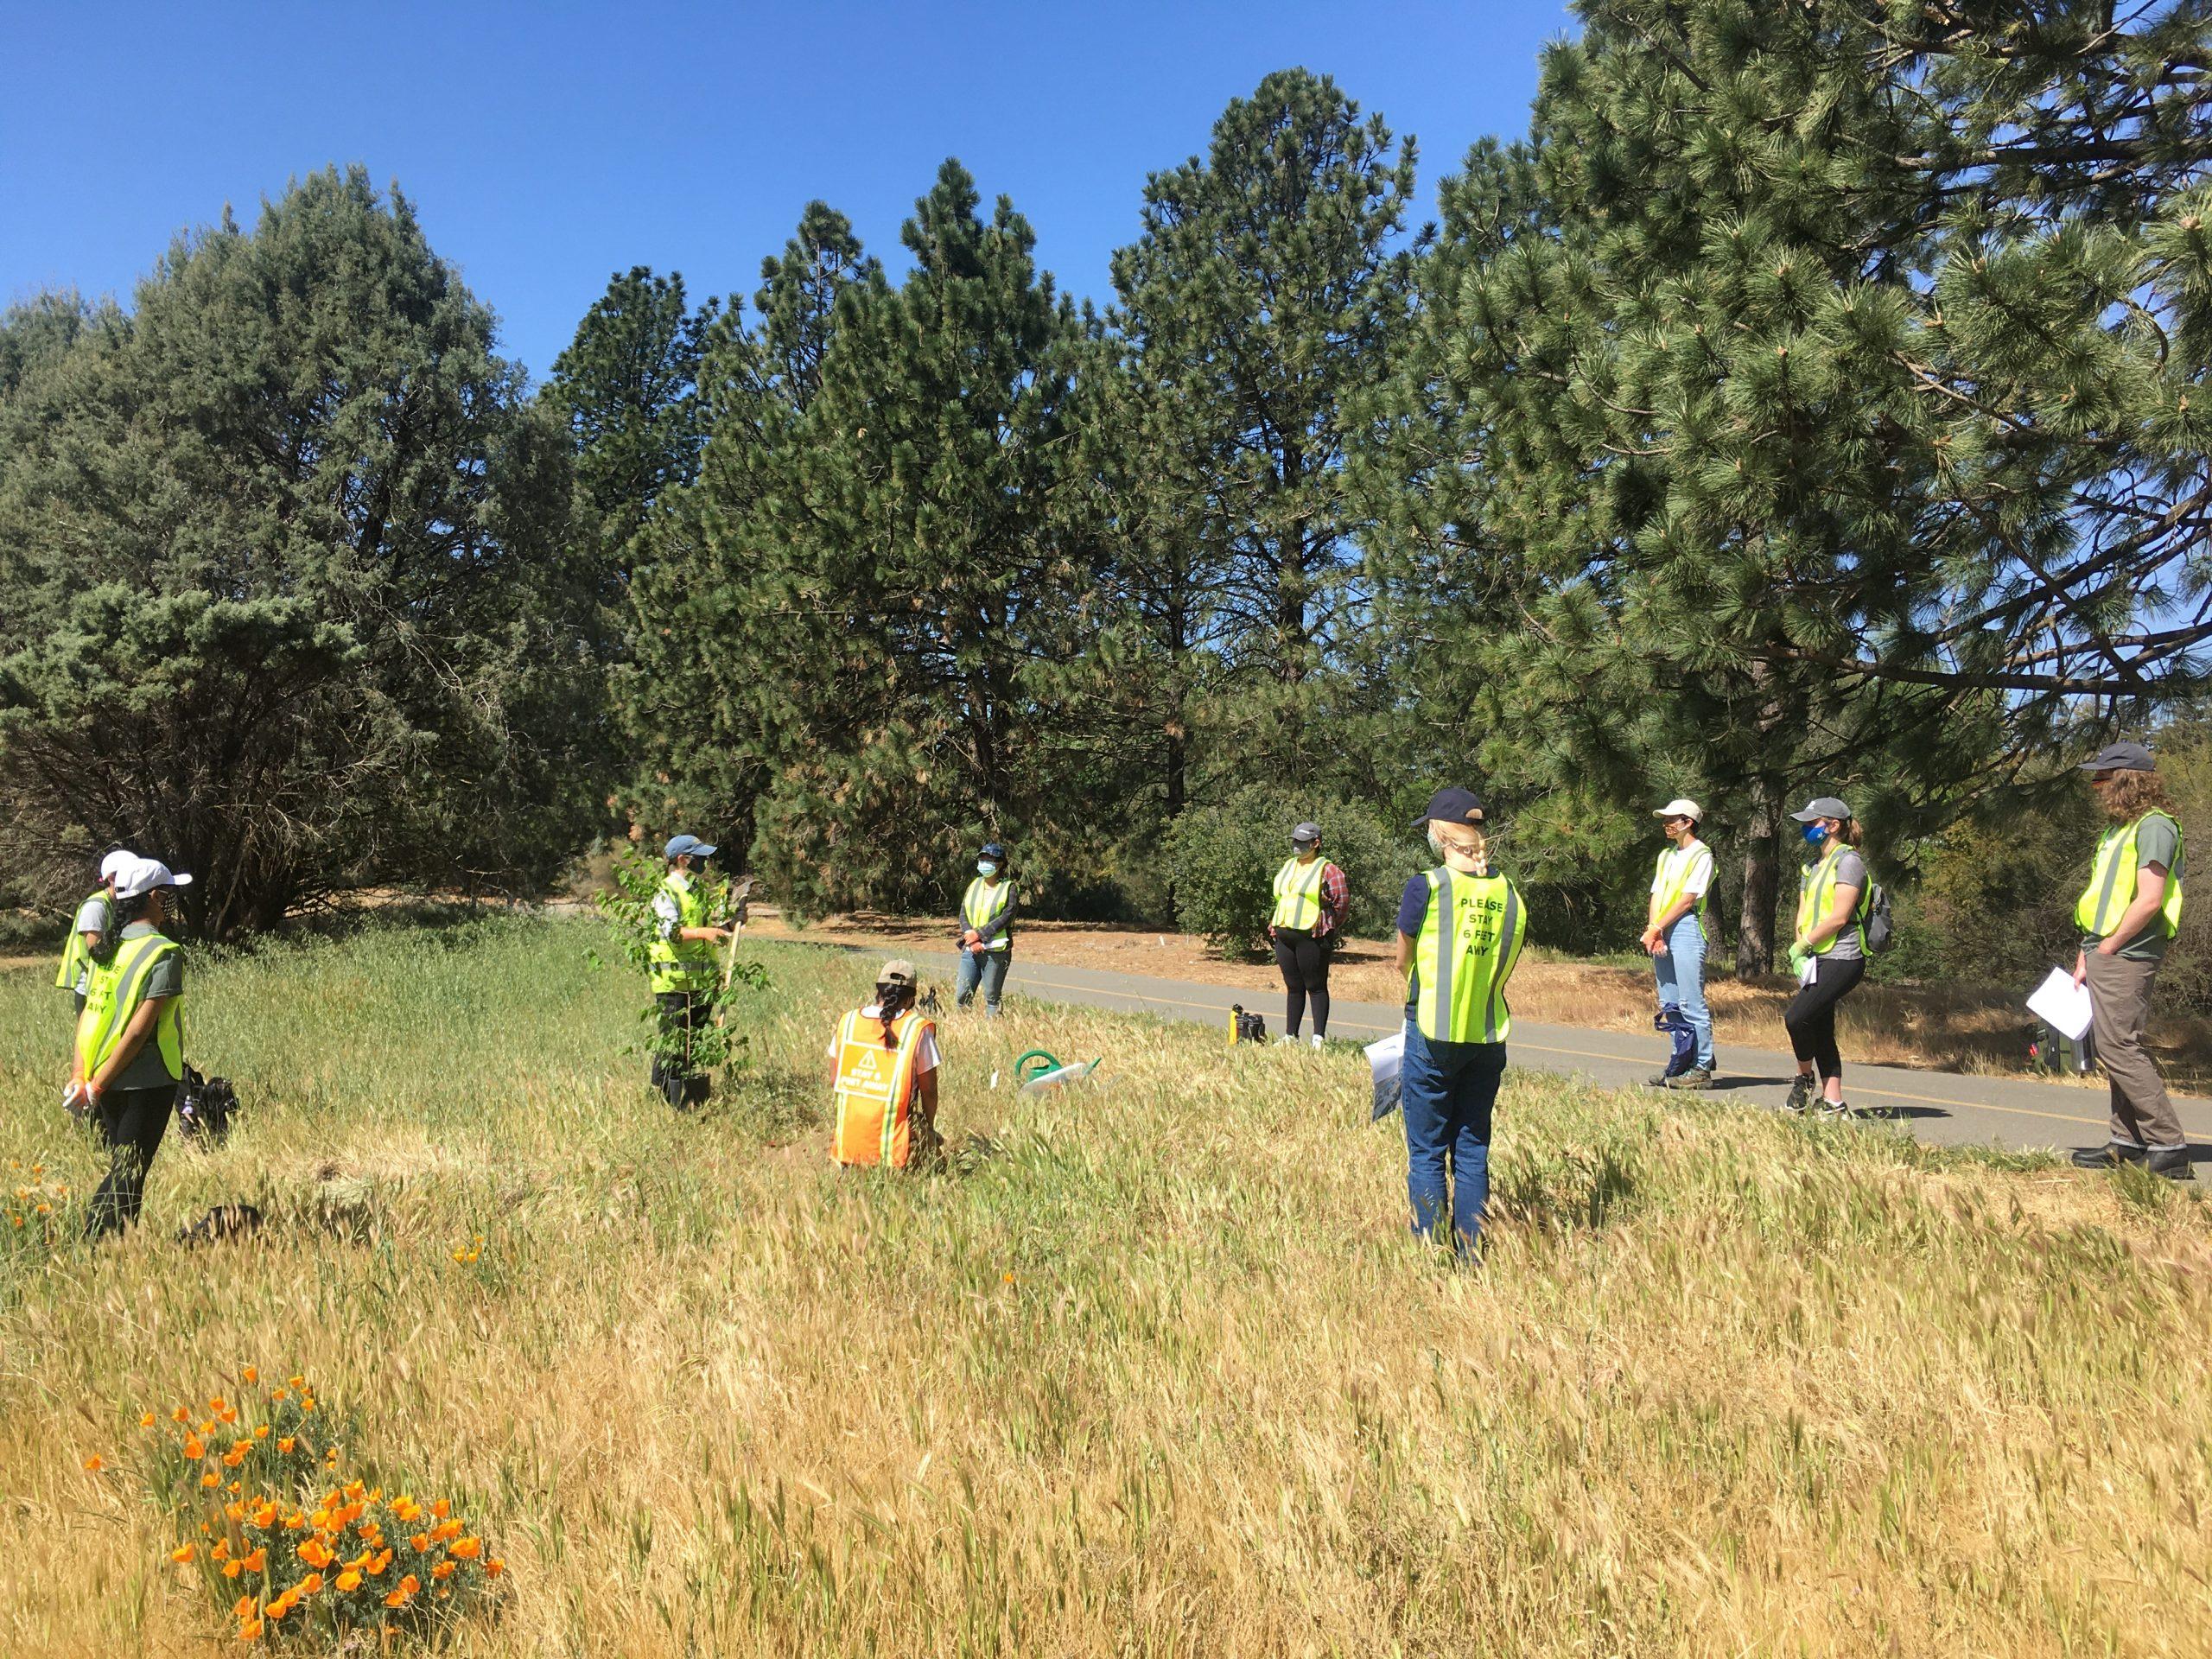 Image of UCDAPG interns planting trees. Photo courtesy of UC Davis.